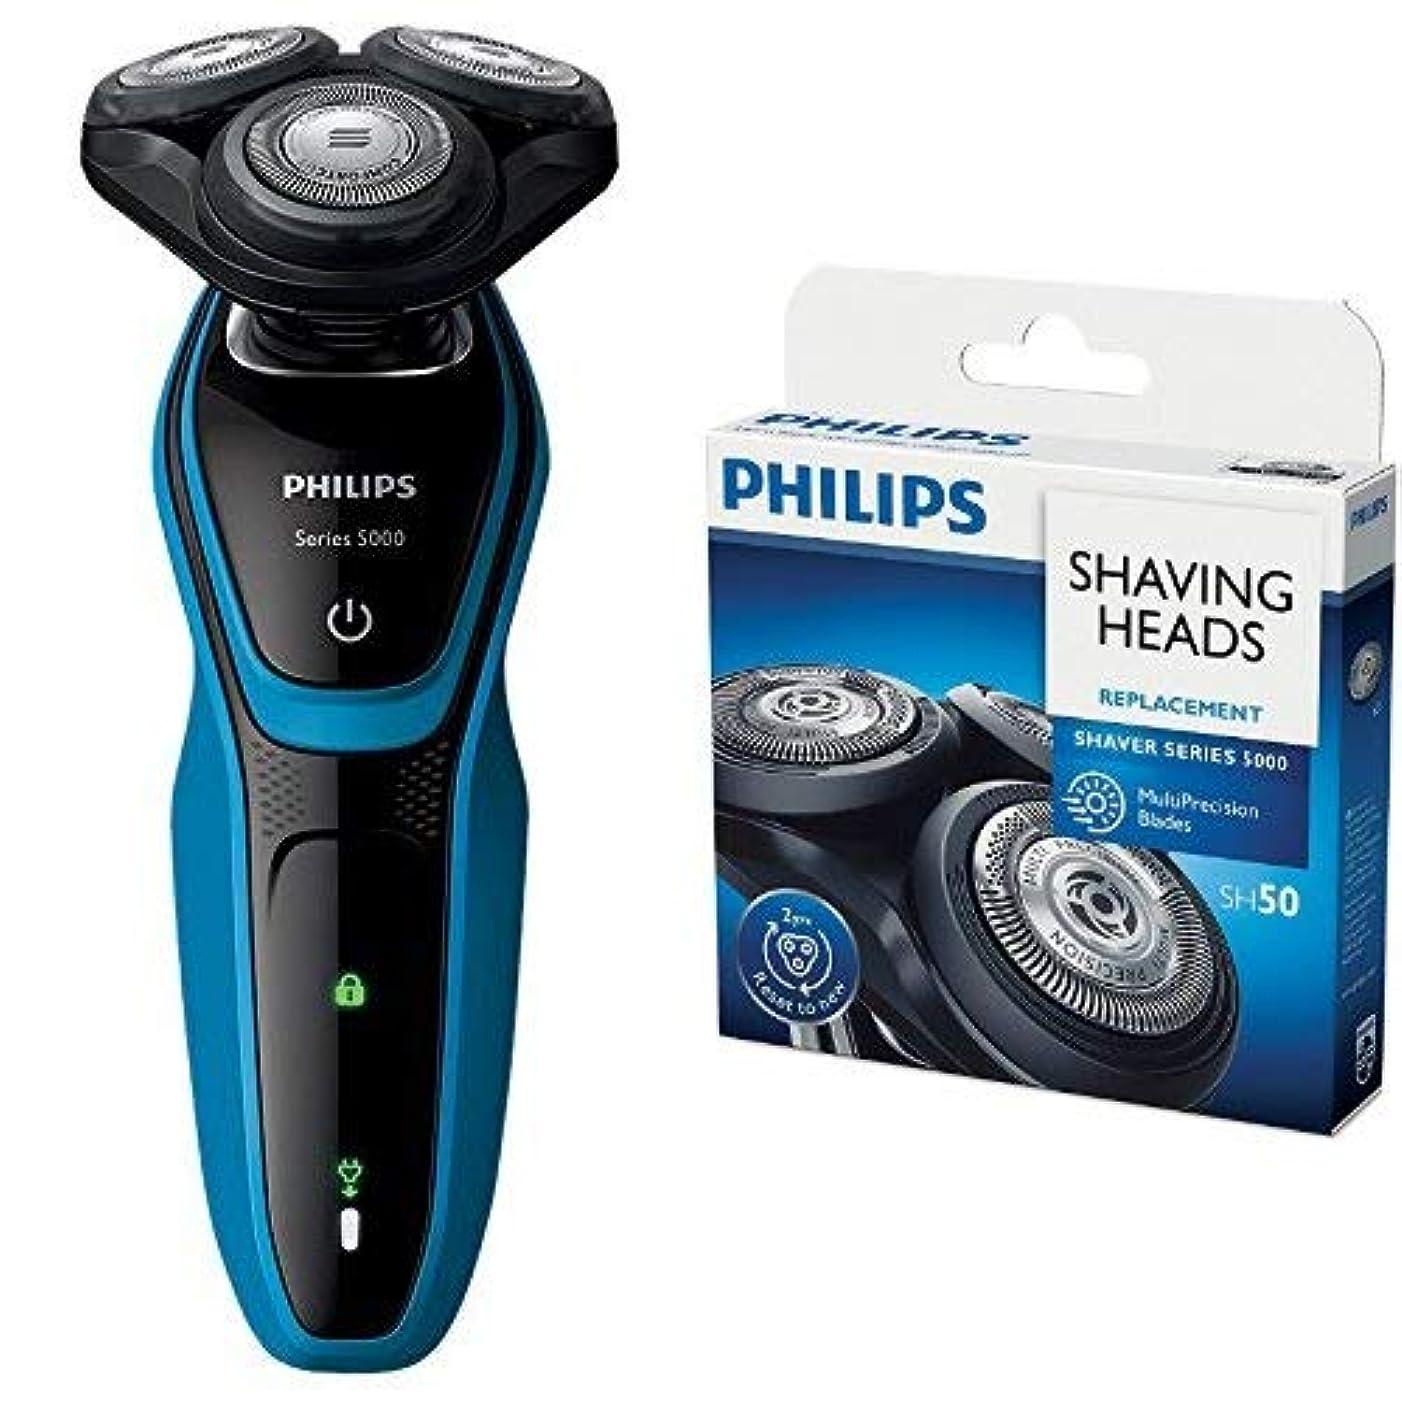 最後に役立つ効果[セット販売]フィリップス 5000シリーズ メンズ 電気シェーバー 27枚刃 回転式 お風呂剃り & 丸洗い可 S5050/05 + フィリップス 5000シリーズ用替刃 SH50/51